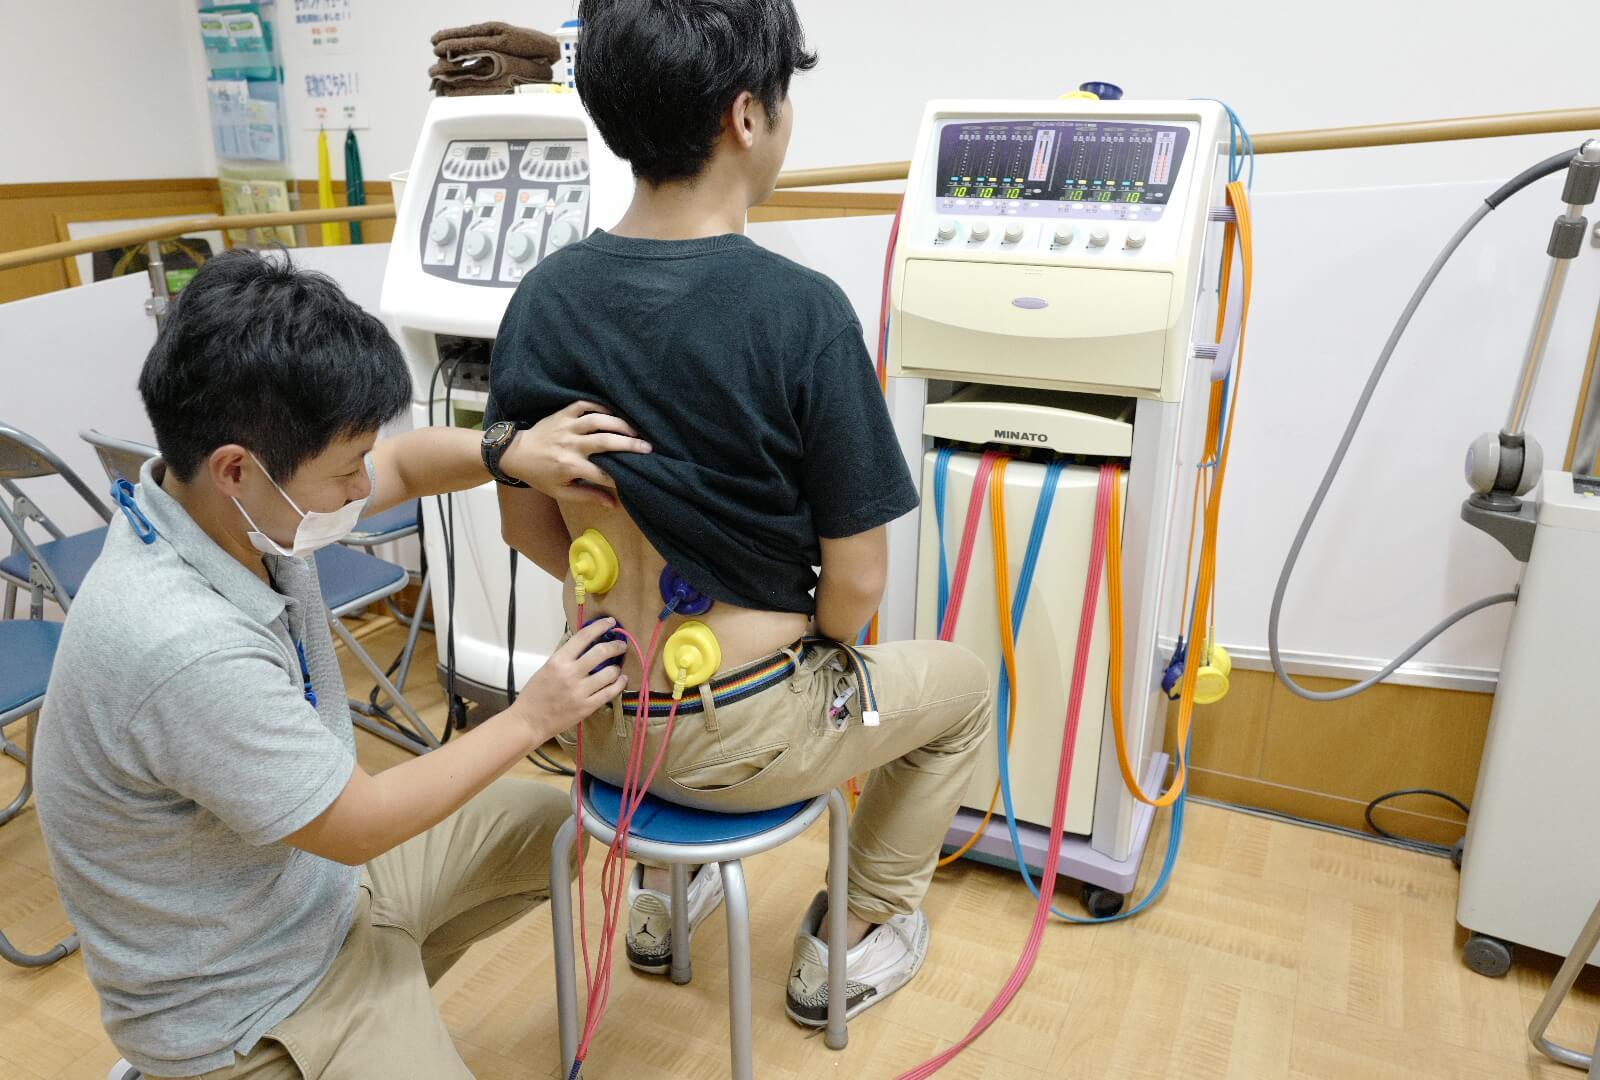 干渉電流型低周波治療器を用いて治療中